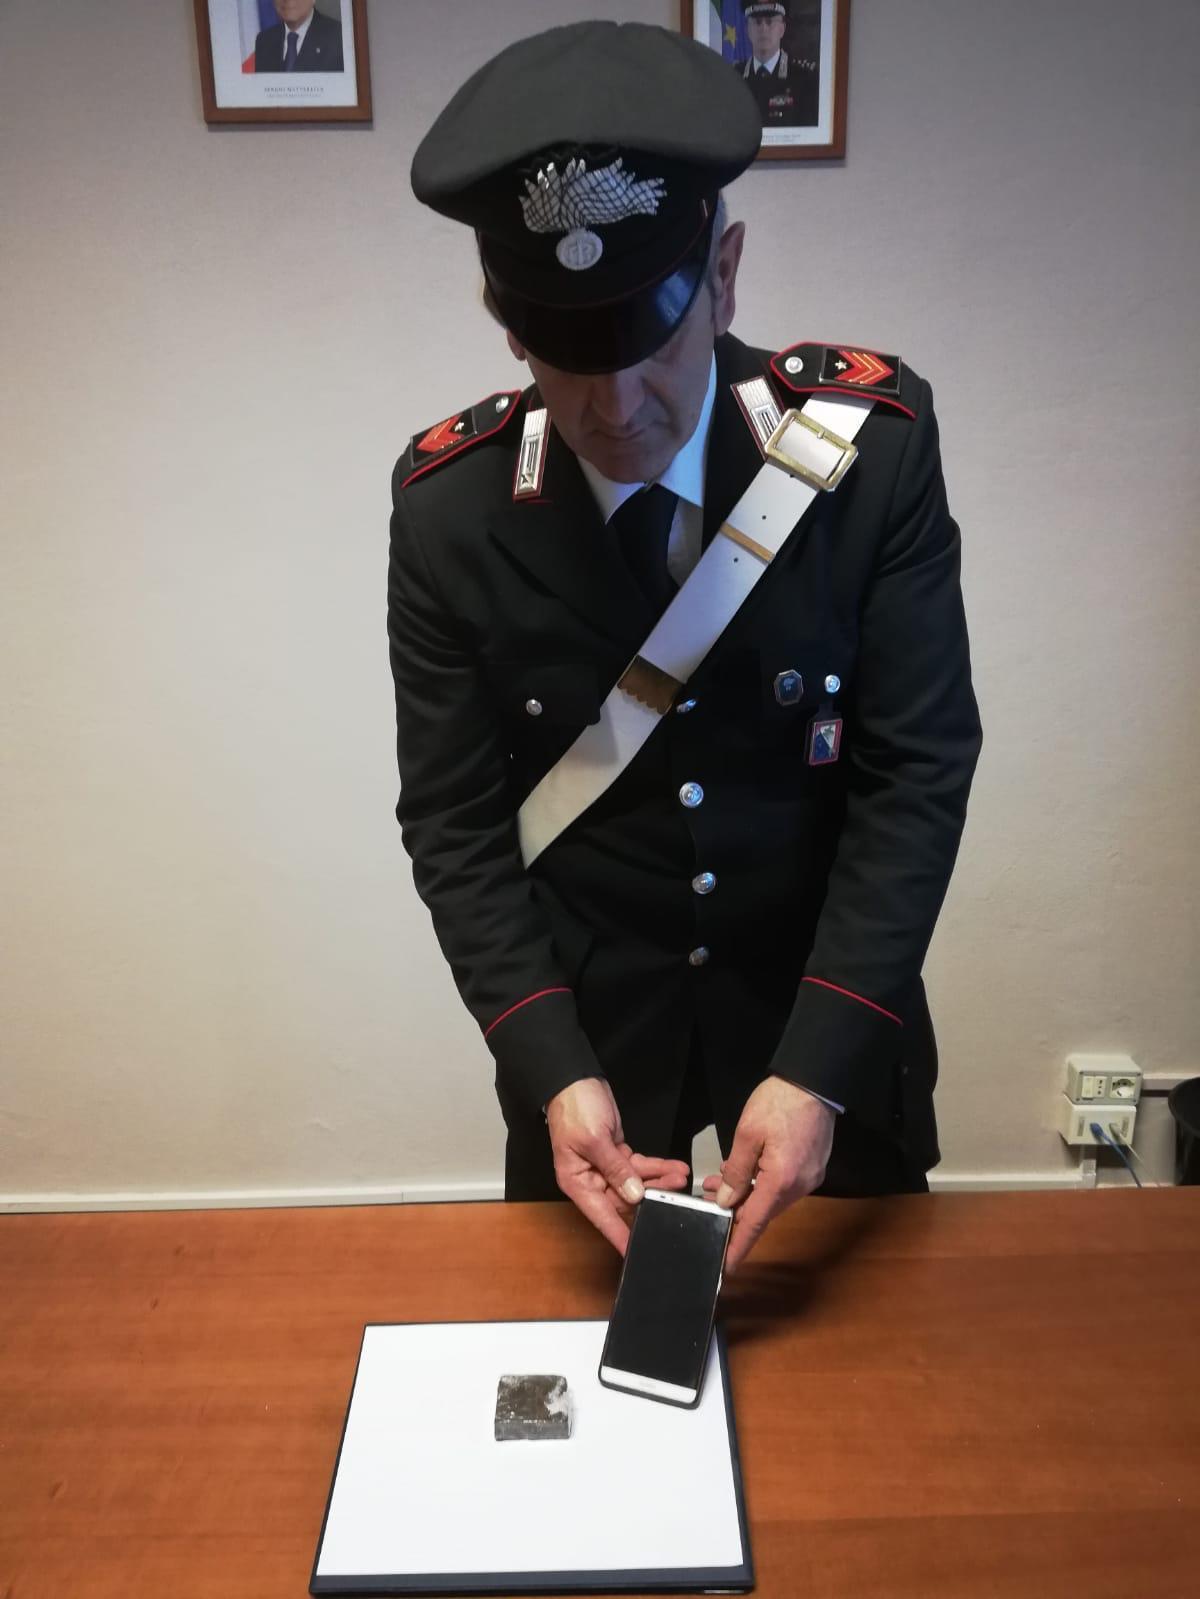 Sul lungomare da marina di Pietrasanta a Viareggio con mezzo etto di droga: arrestato